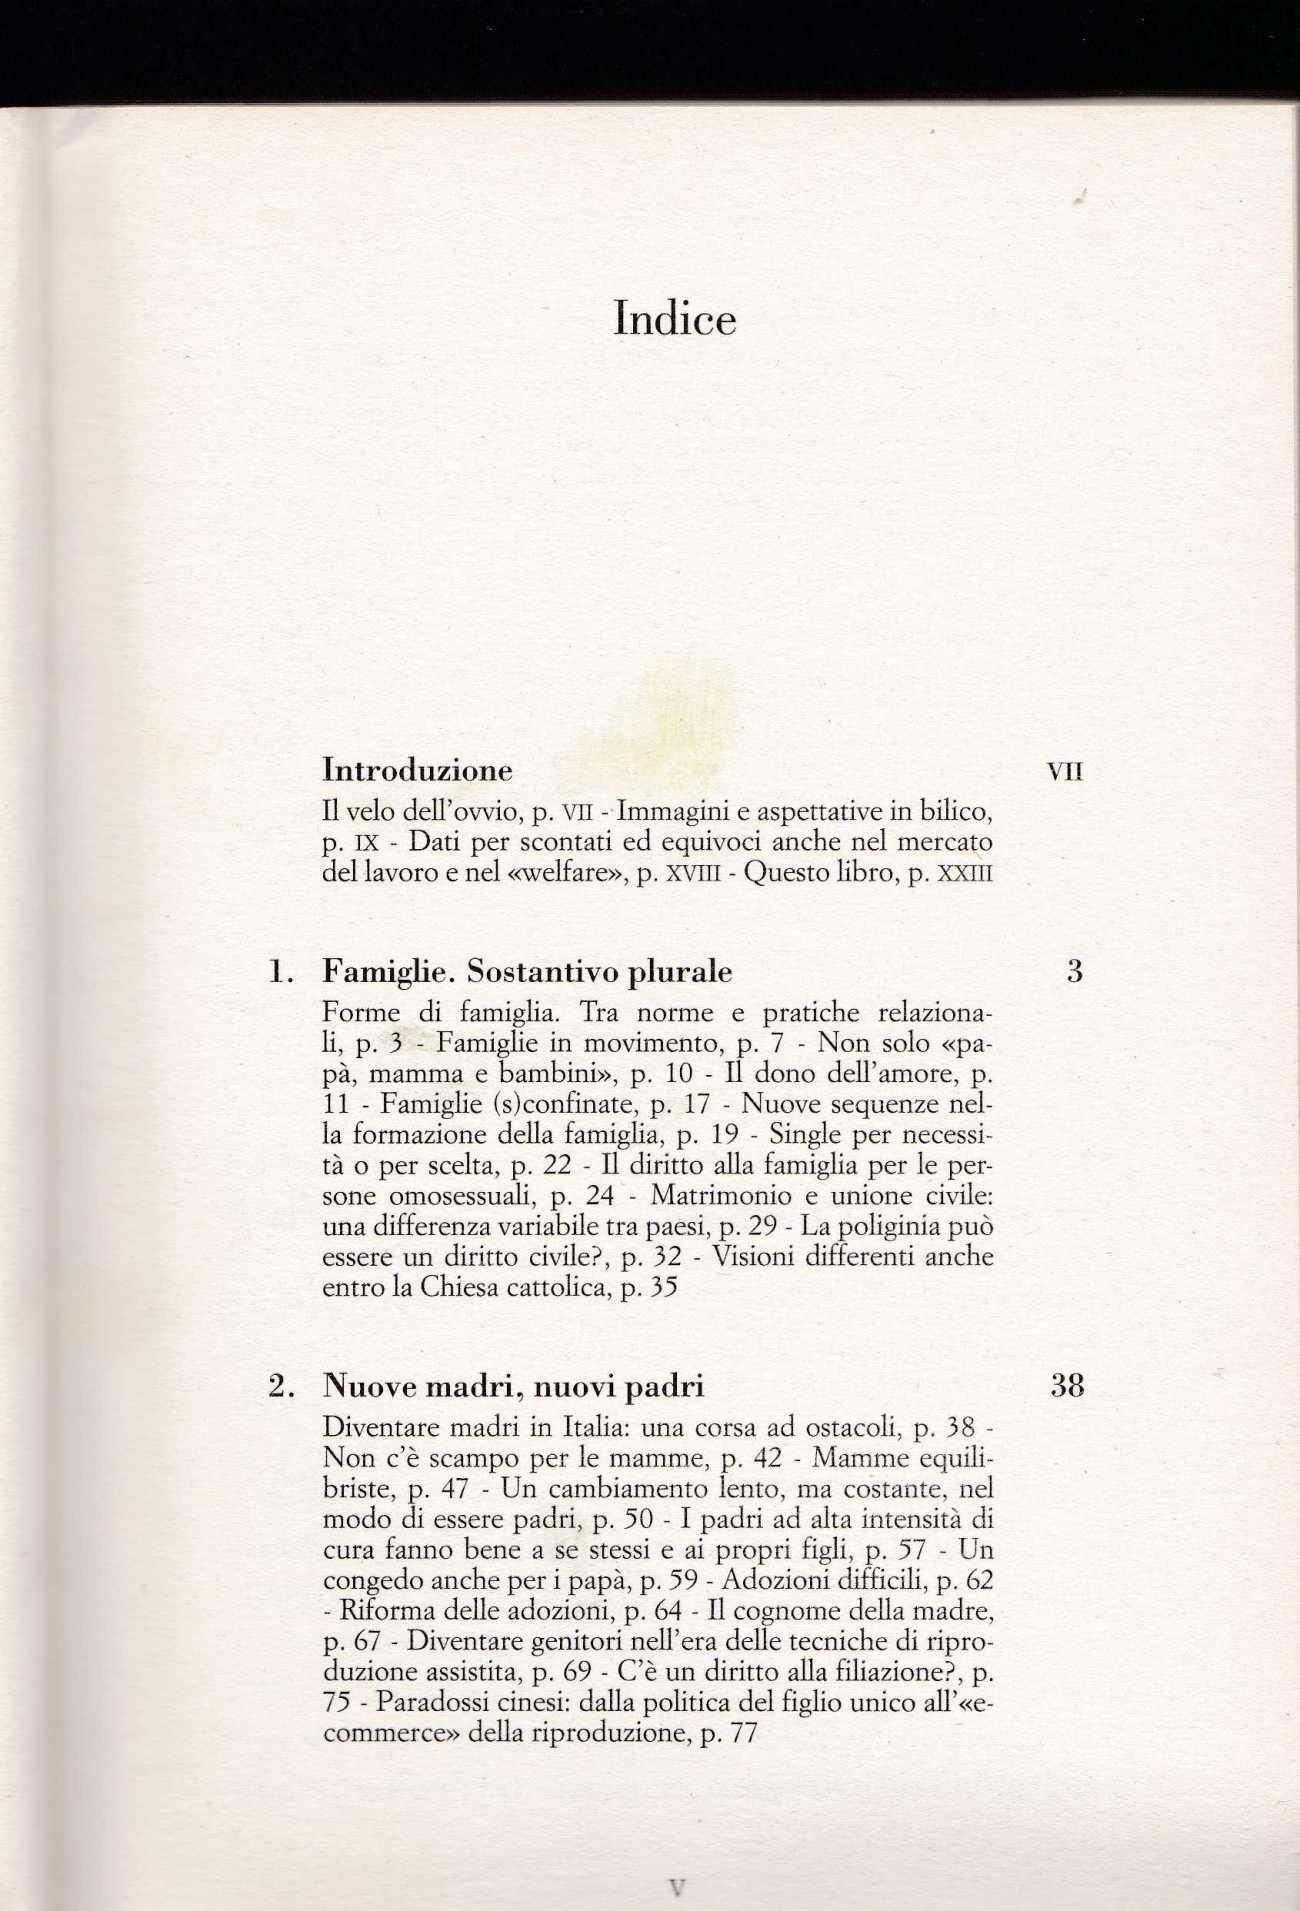 saraceno1447